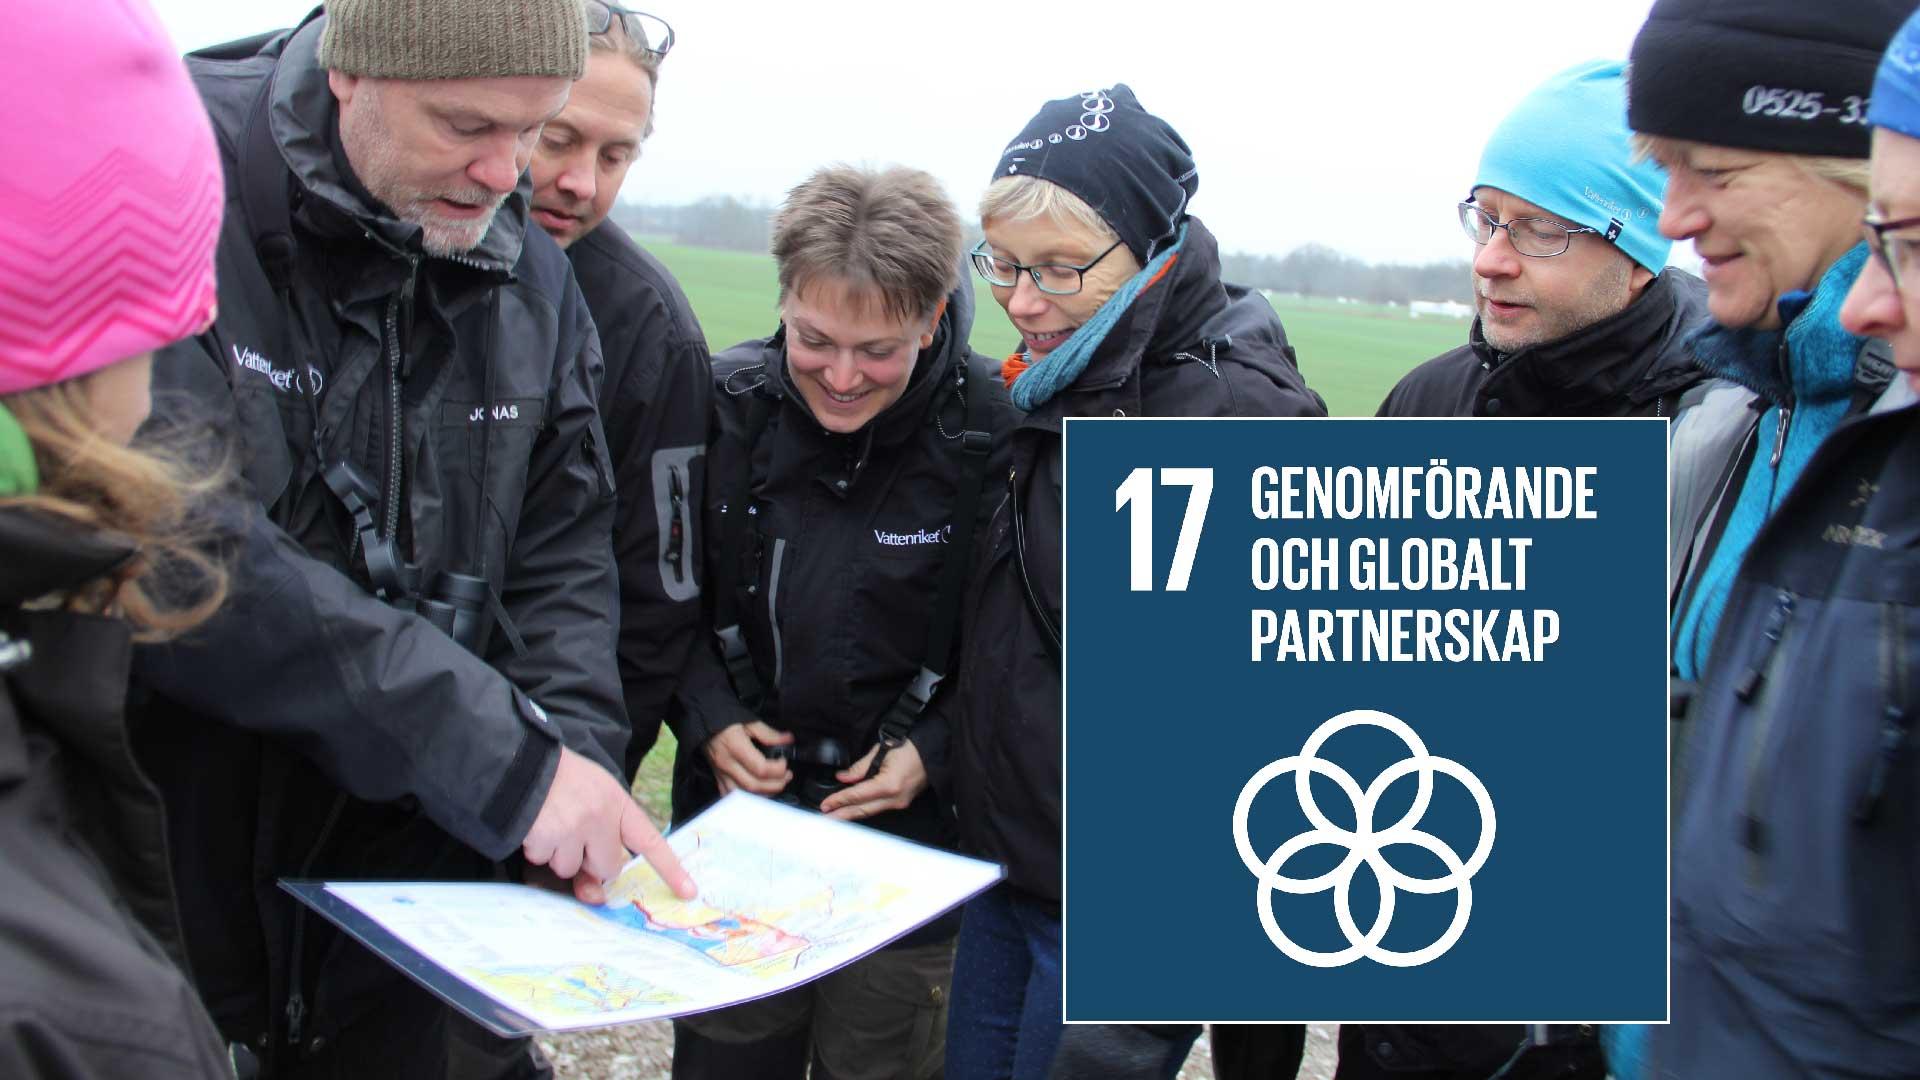 Biosfärområden är exempel på hur de globala målen kan uppfyllas, särskilt mål 17 Genomförande och globalt partnerskap.